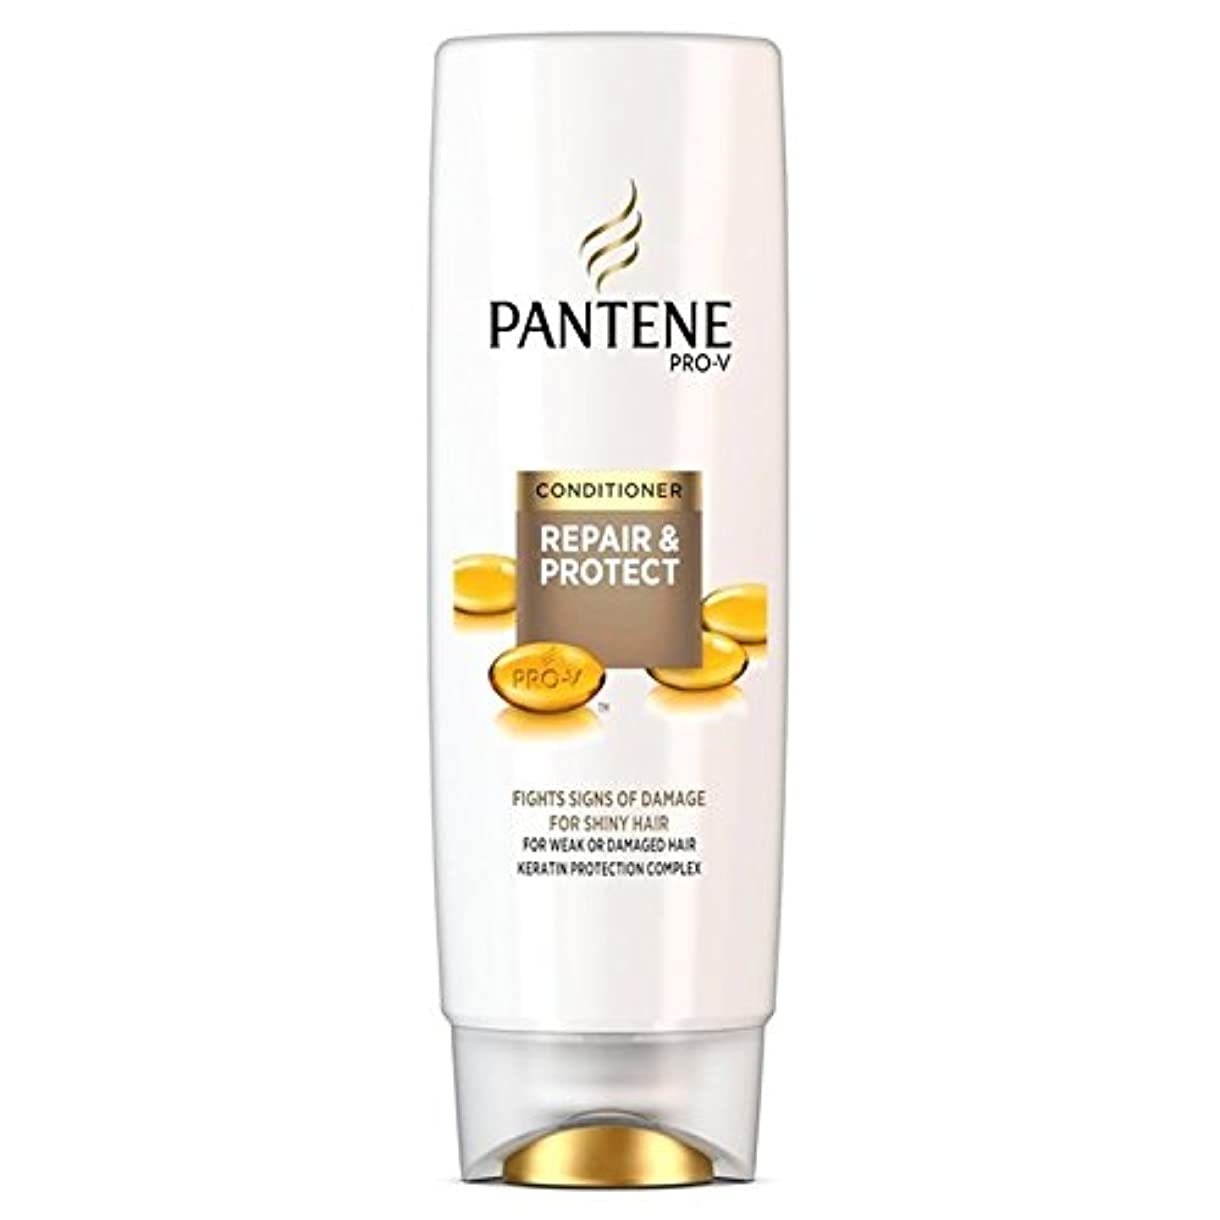 教えマラドロイトそこからパンテーンコンディショナーの修理&弱いか、傷んだ髪の250ミリリットルのための保護 x2 - Pantene Conditioner Repair & Protect For Weak Or Damaged Hair 250ml (Pack of 2) [並行輸入品]